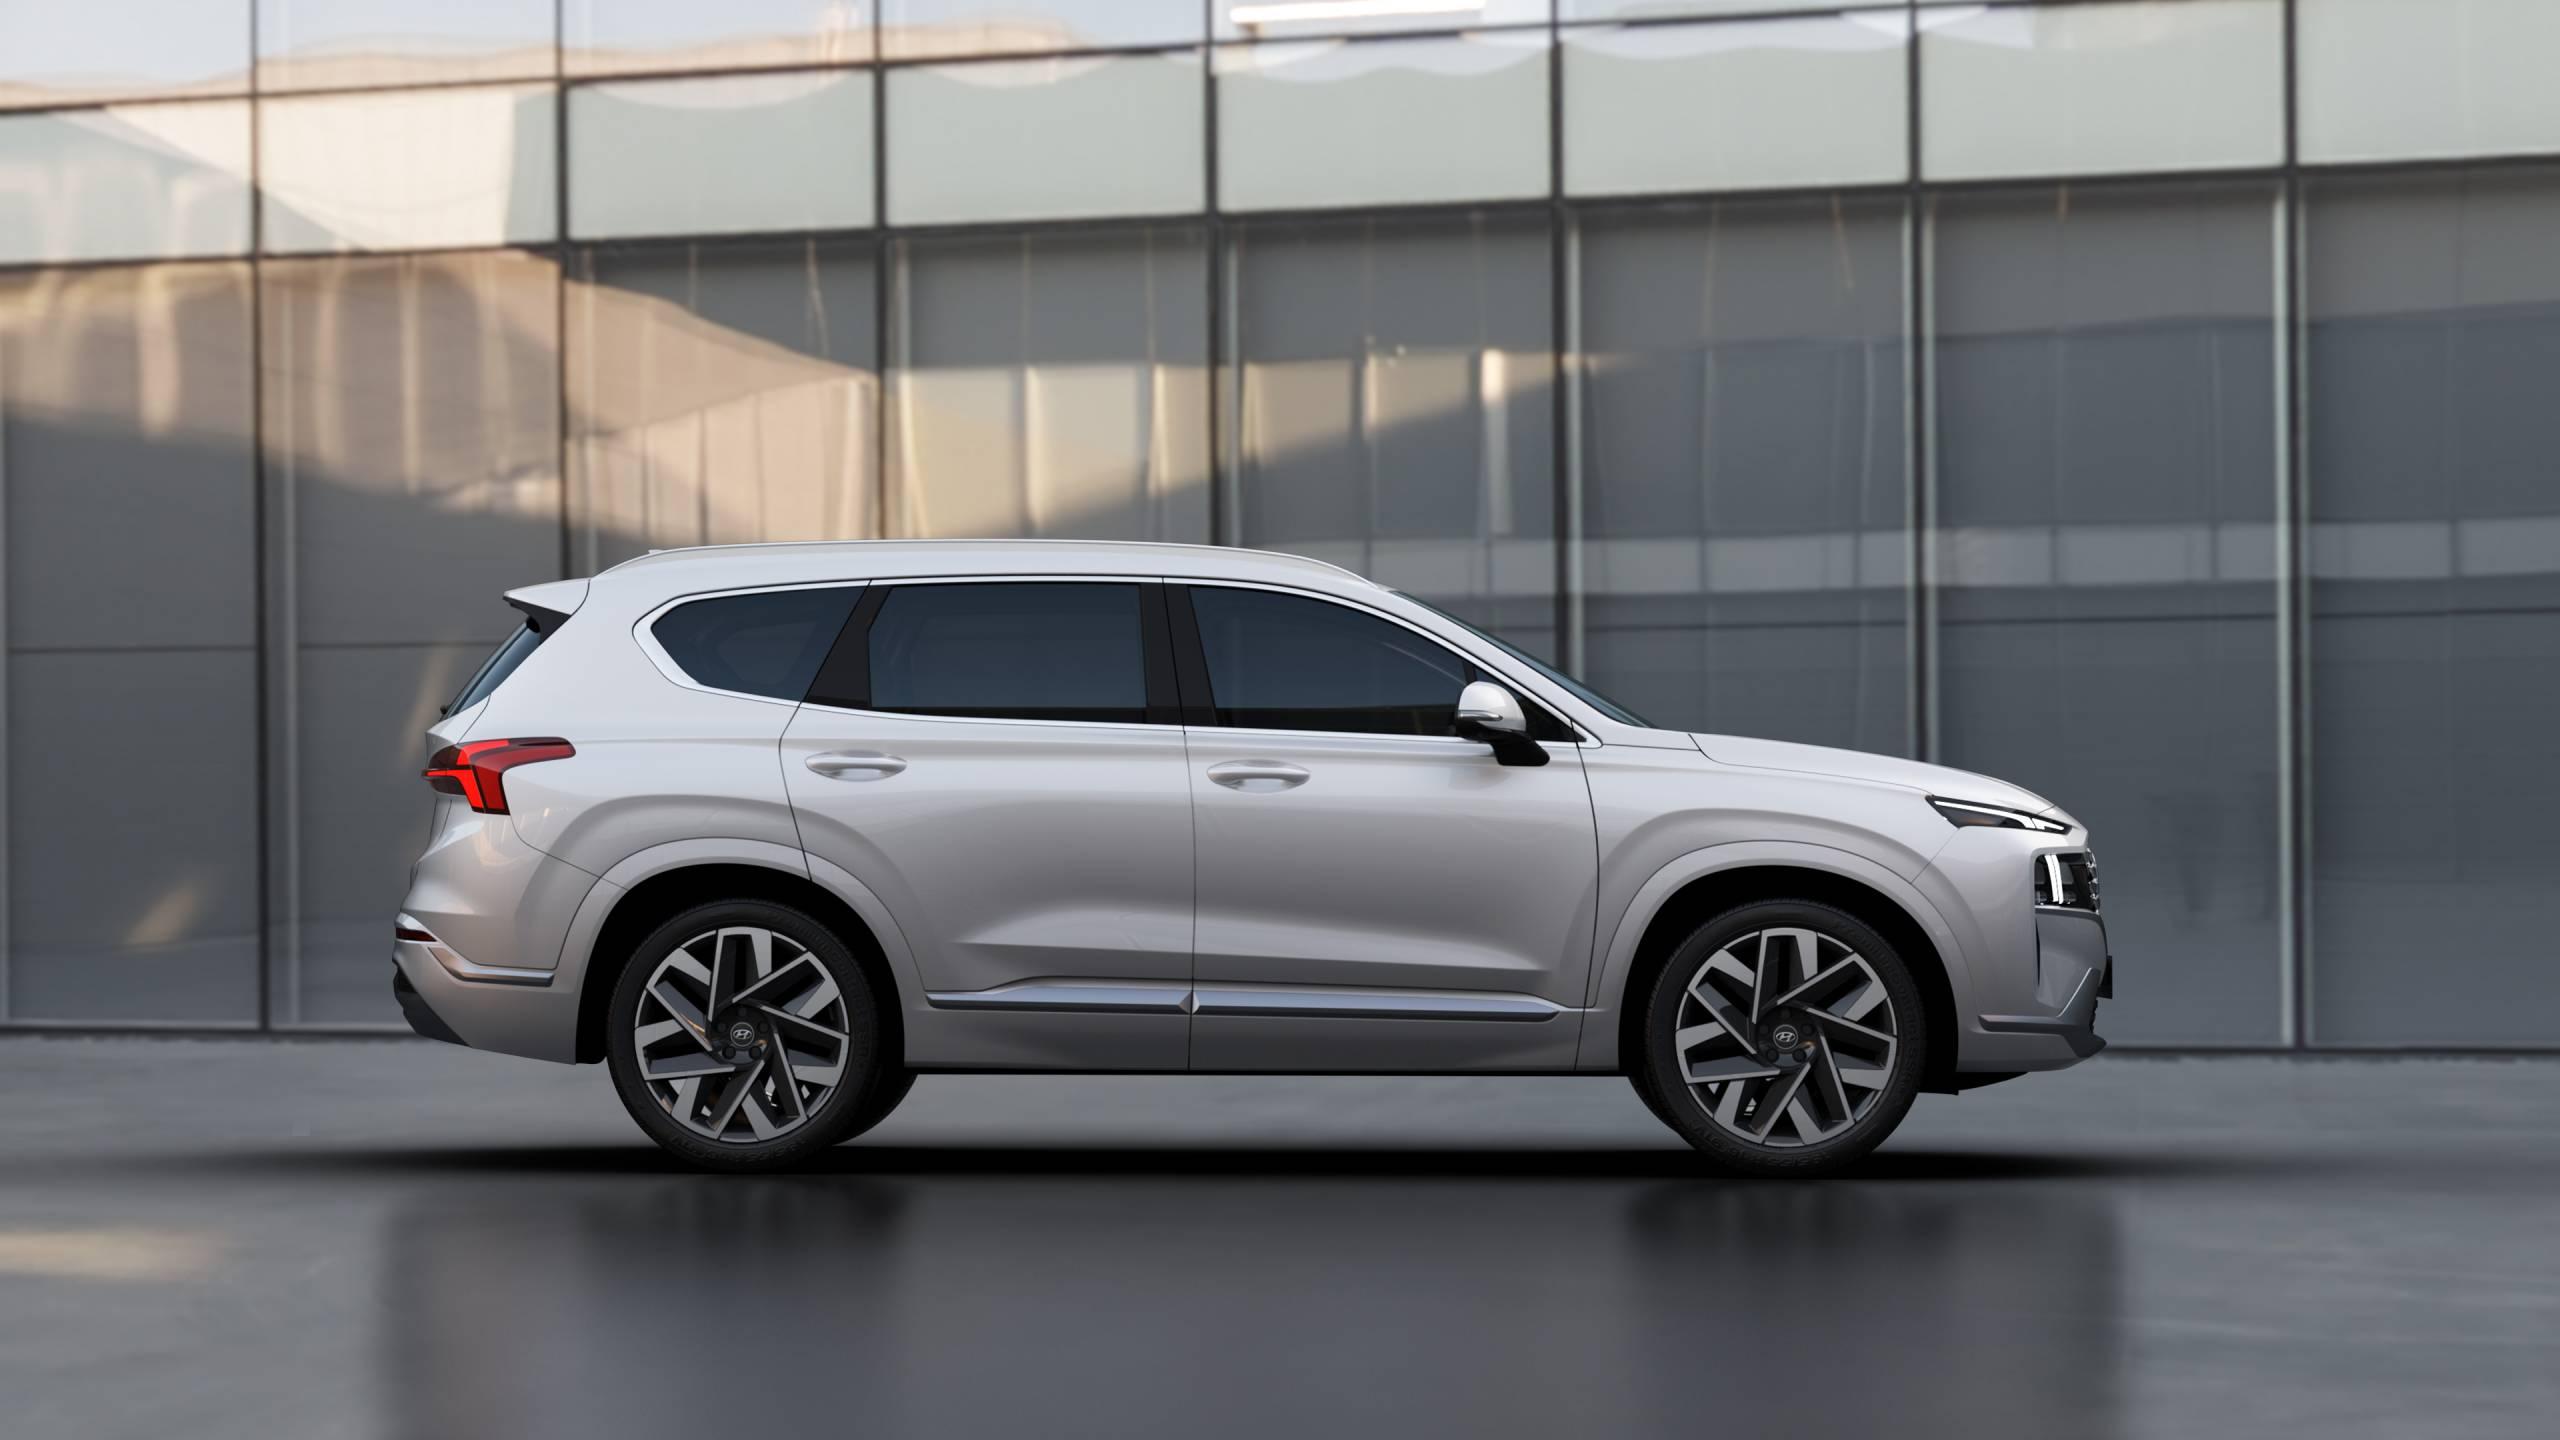 2021 Hyundai Santa Fe Price, Design and Review